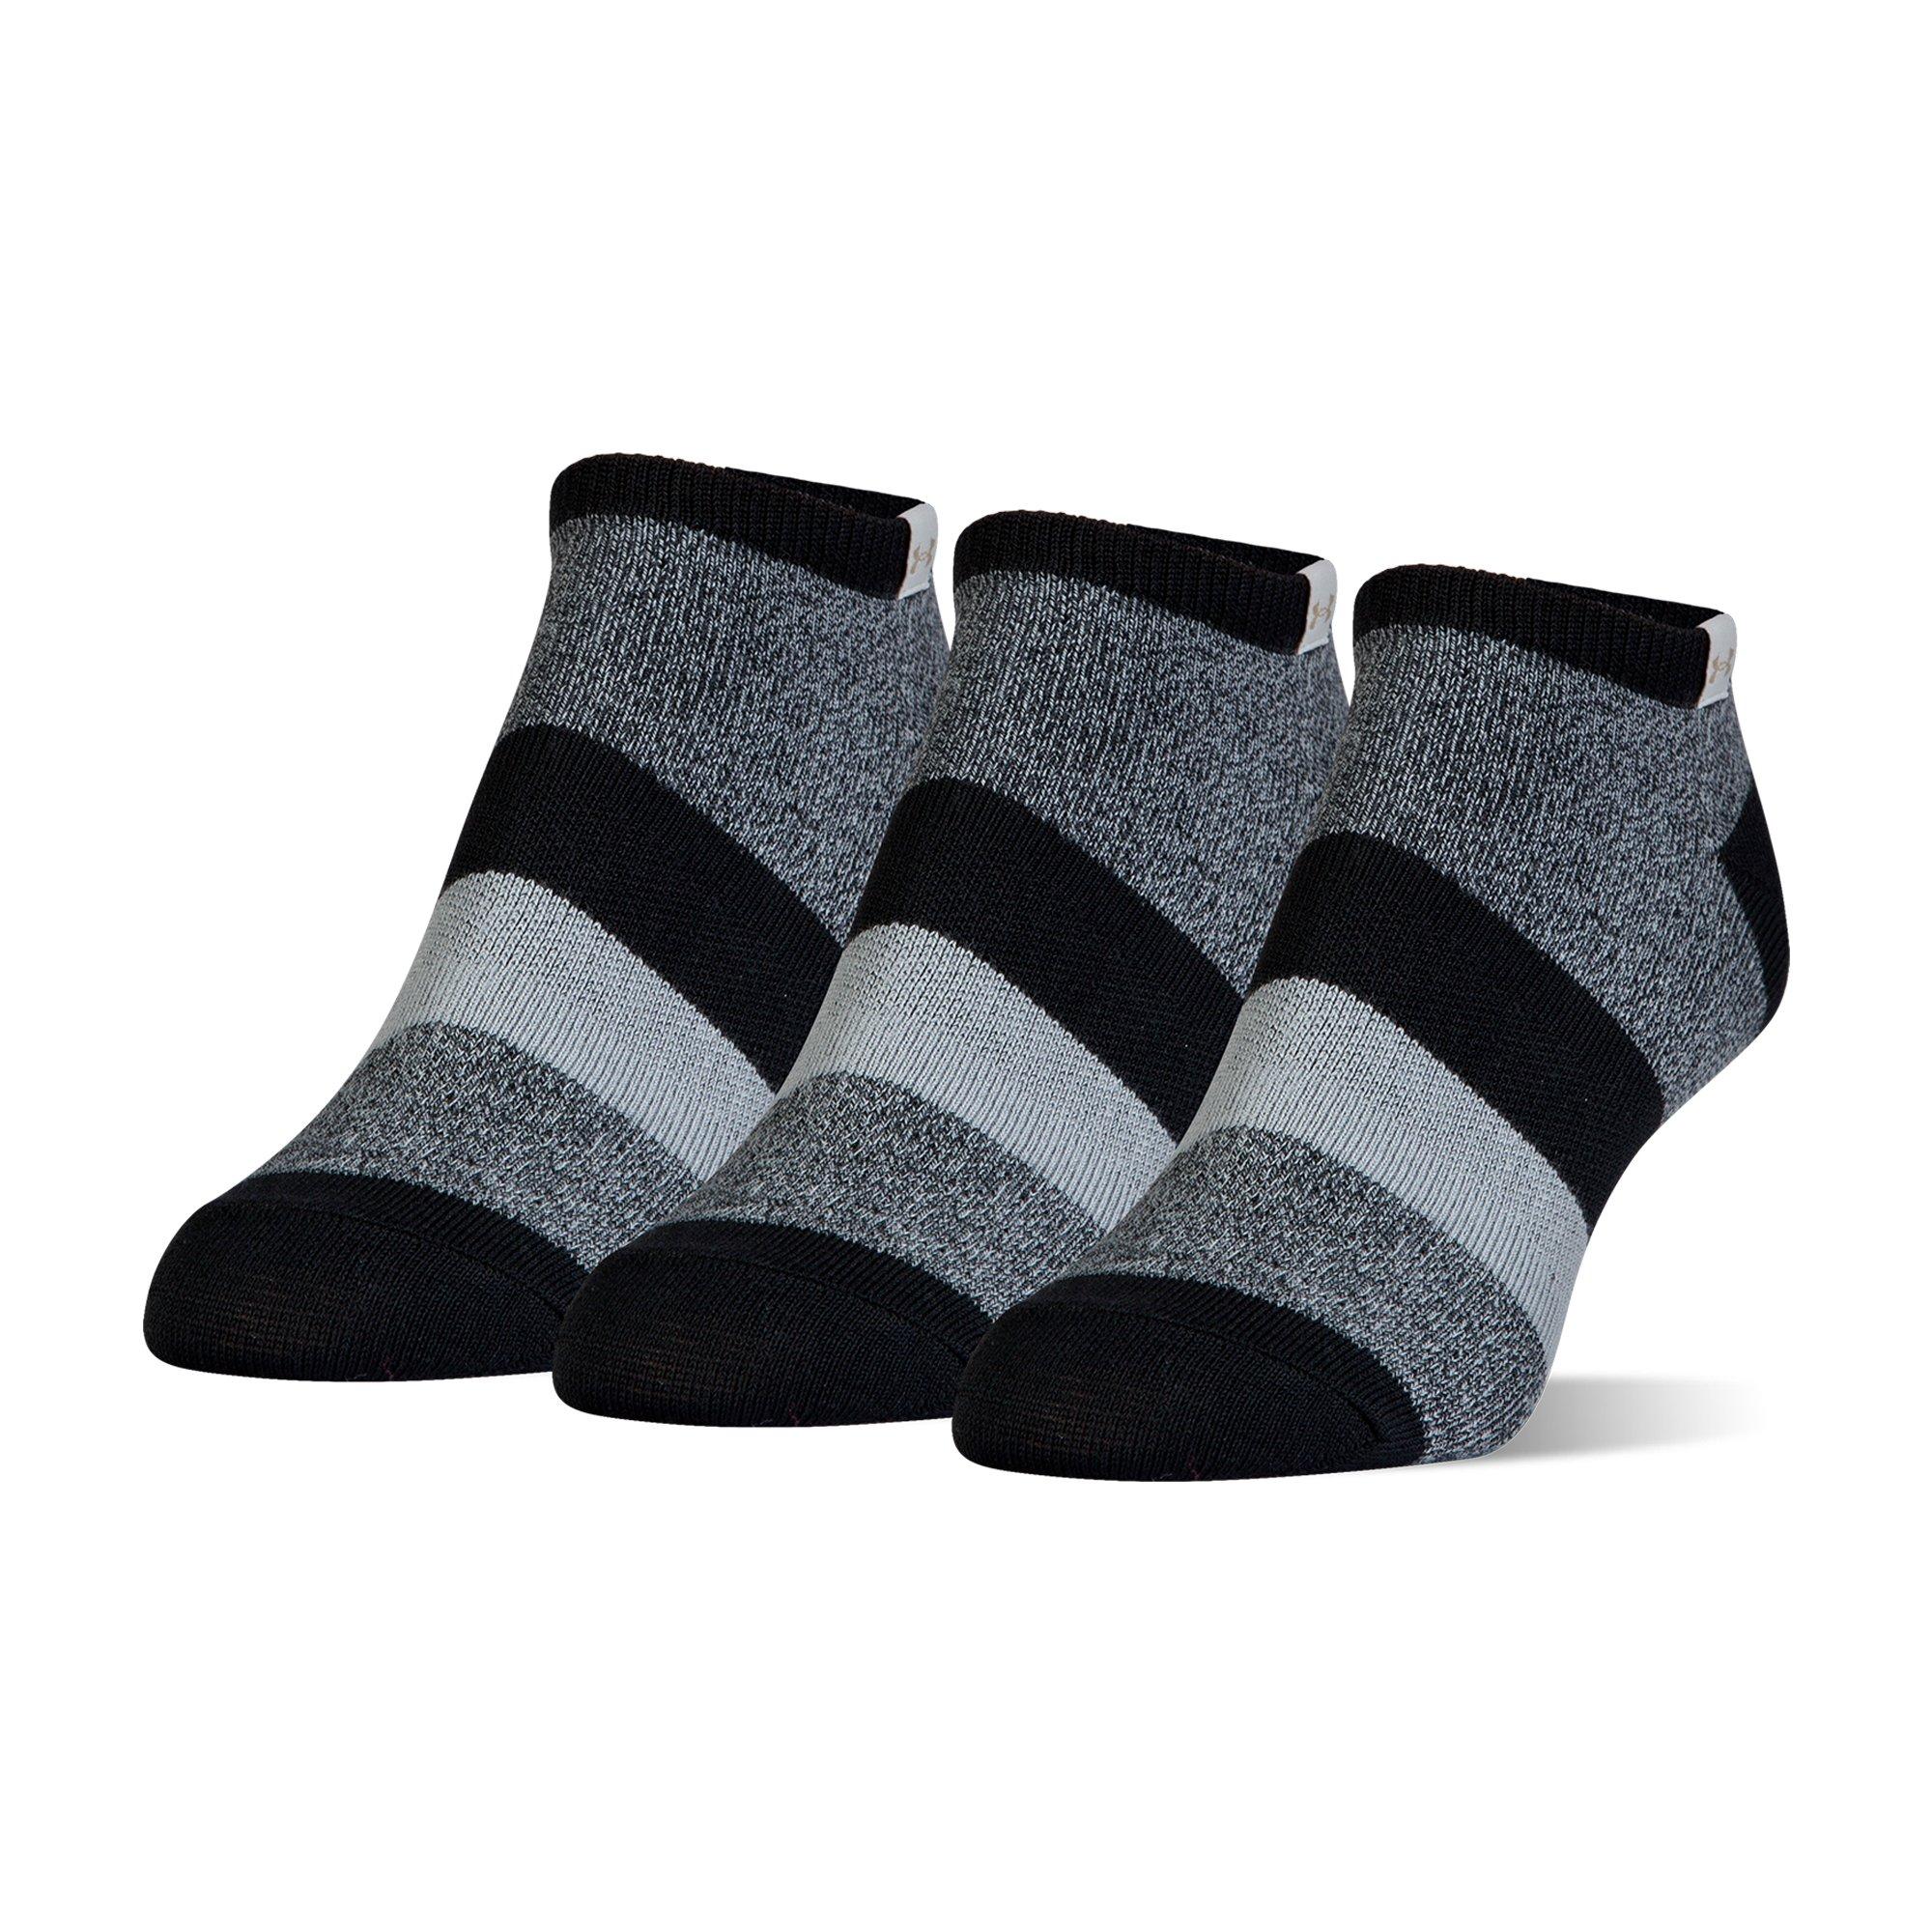 Under Armour Essential Comfort No Show Socks, 3 Pairs, Black Assorted, Medium